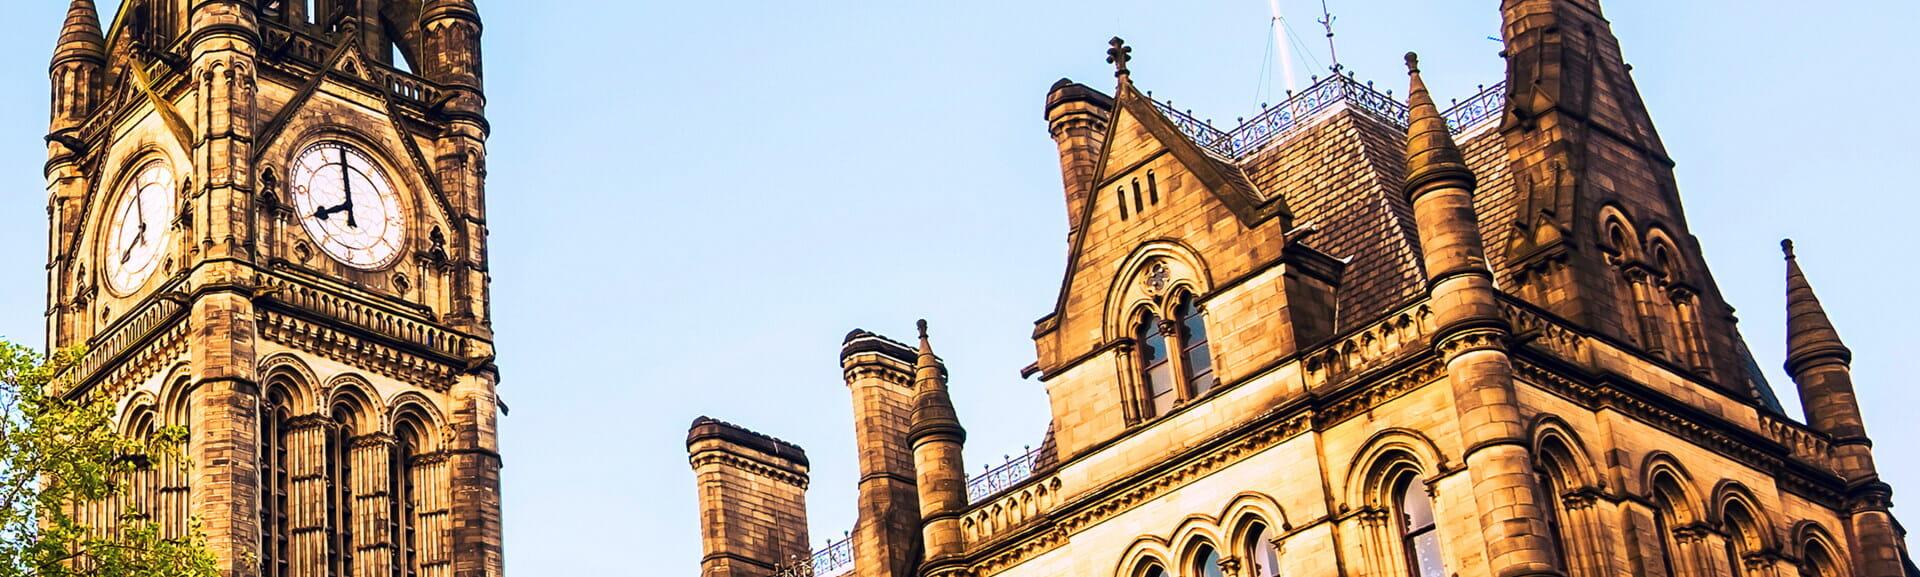 Klassenfahrt Manchester Rathaus